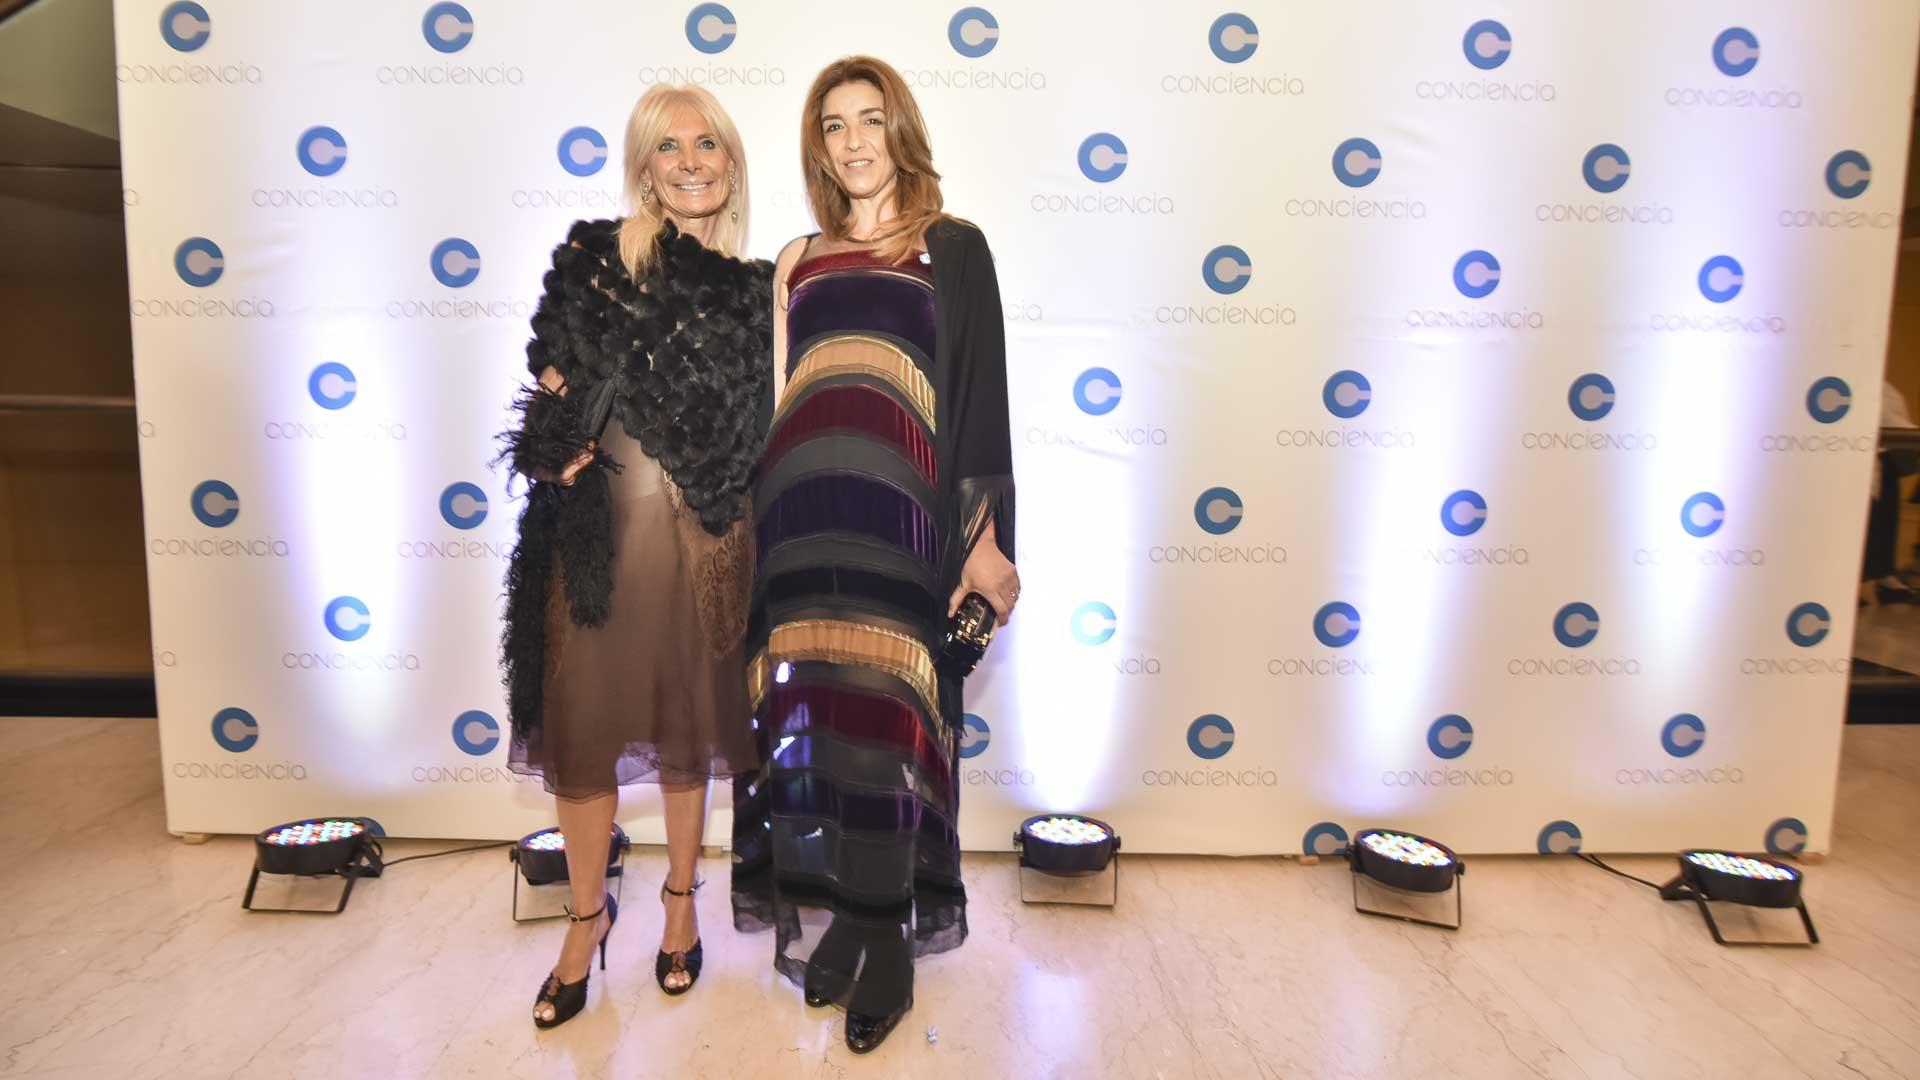 La embajadora de Italia en la Argentina, Teresa Castaldo, junto a la presidenta de la Fundación CURAR y vicepresidenta 3° de Conciencia, Gabriela Solustri